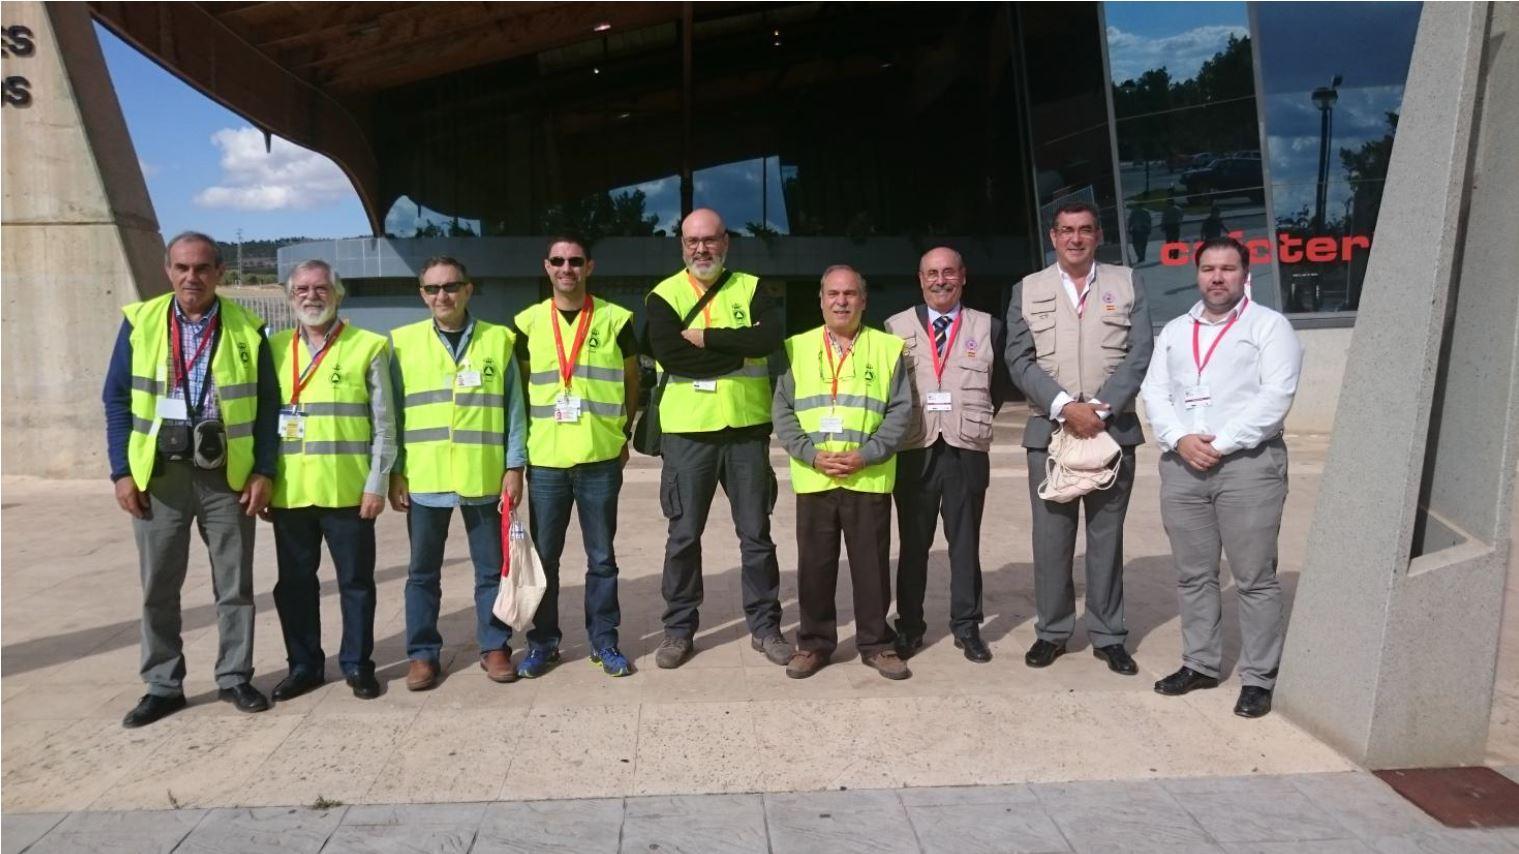 Vicente (T707), Pedro (O1), Jesús (O2), Javier (T708), Sergio (O3), José (T7), Fernando (Jefe de la Unidad de Apoyo de la DGPCE), Alberto  (Área de Informática y Comunicaciones de la DGPCE), Manuel (Jefe de la Unidad de PC en Teruel)